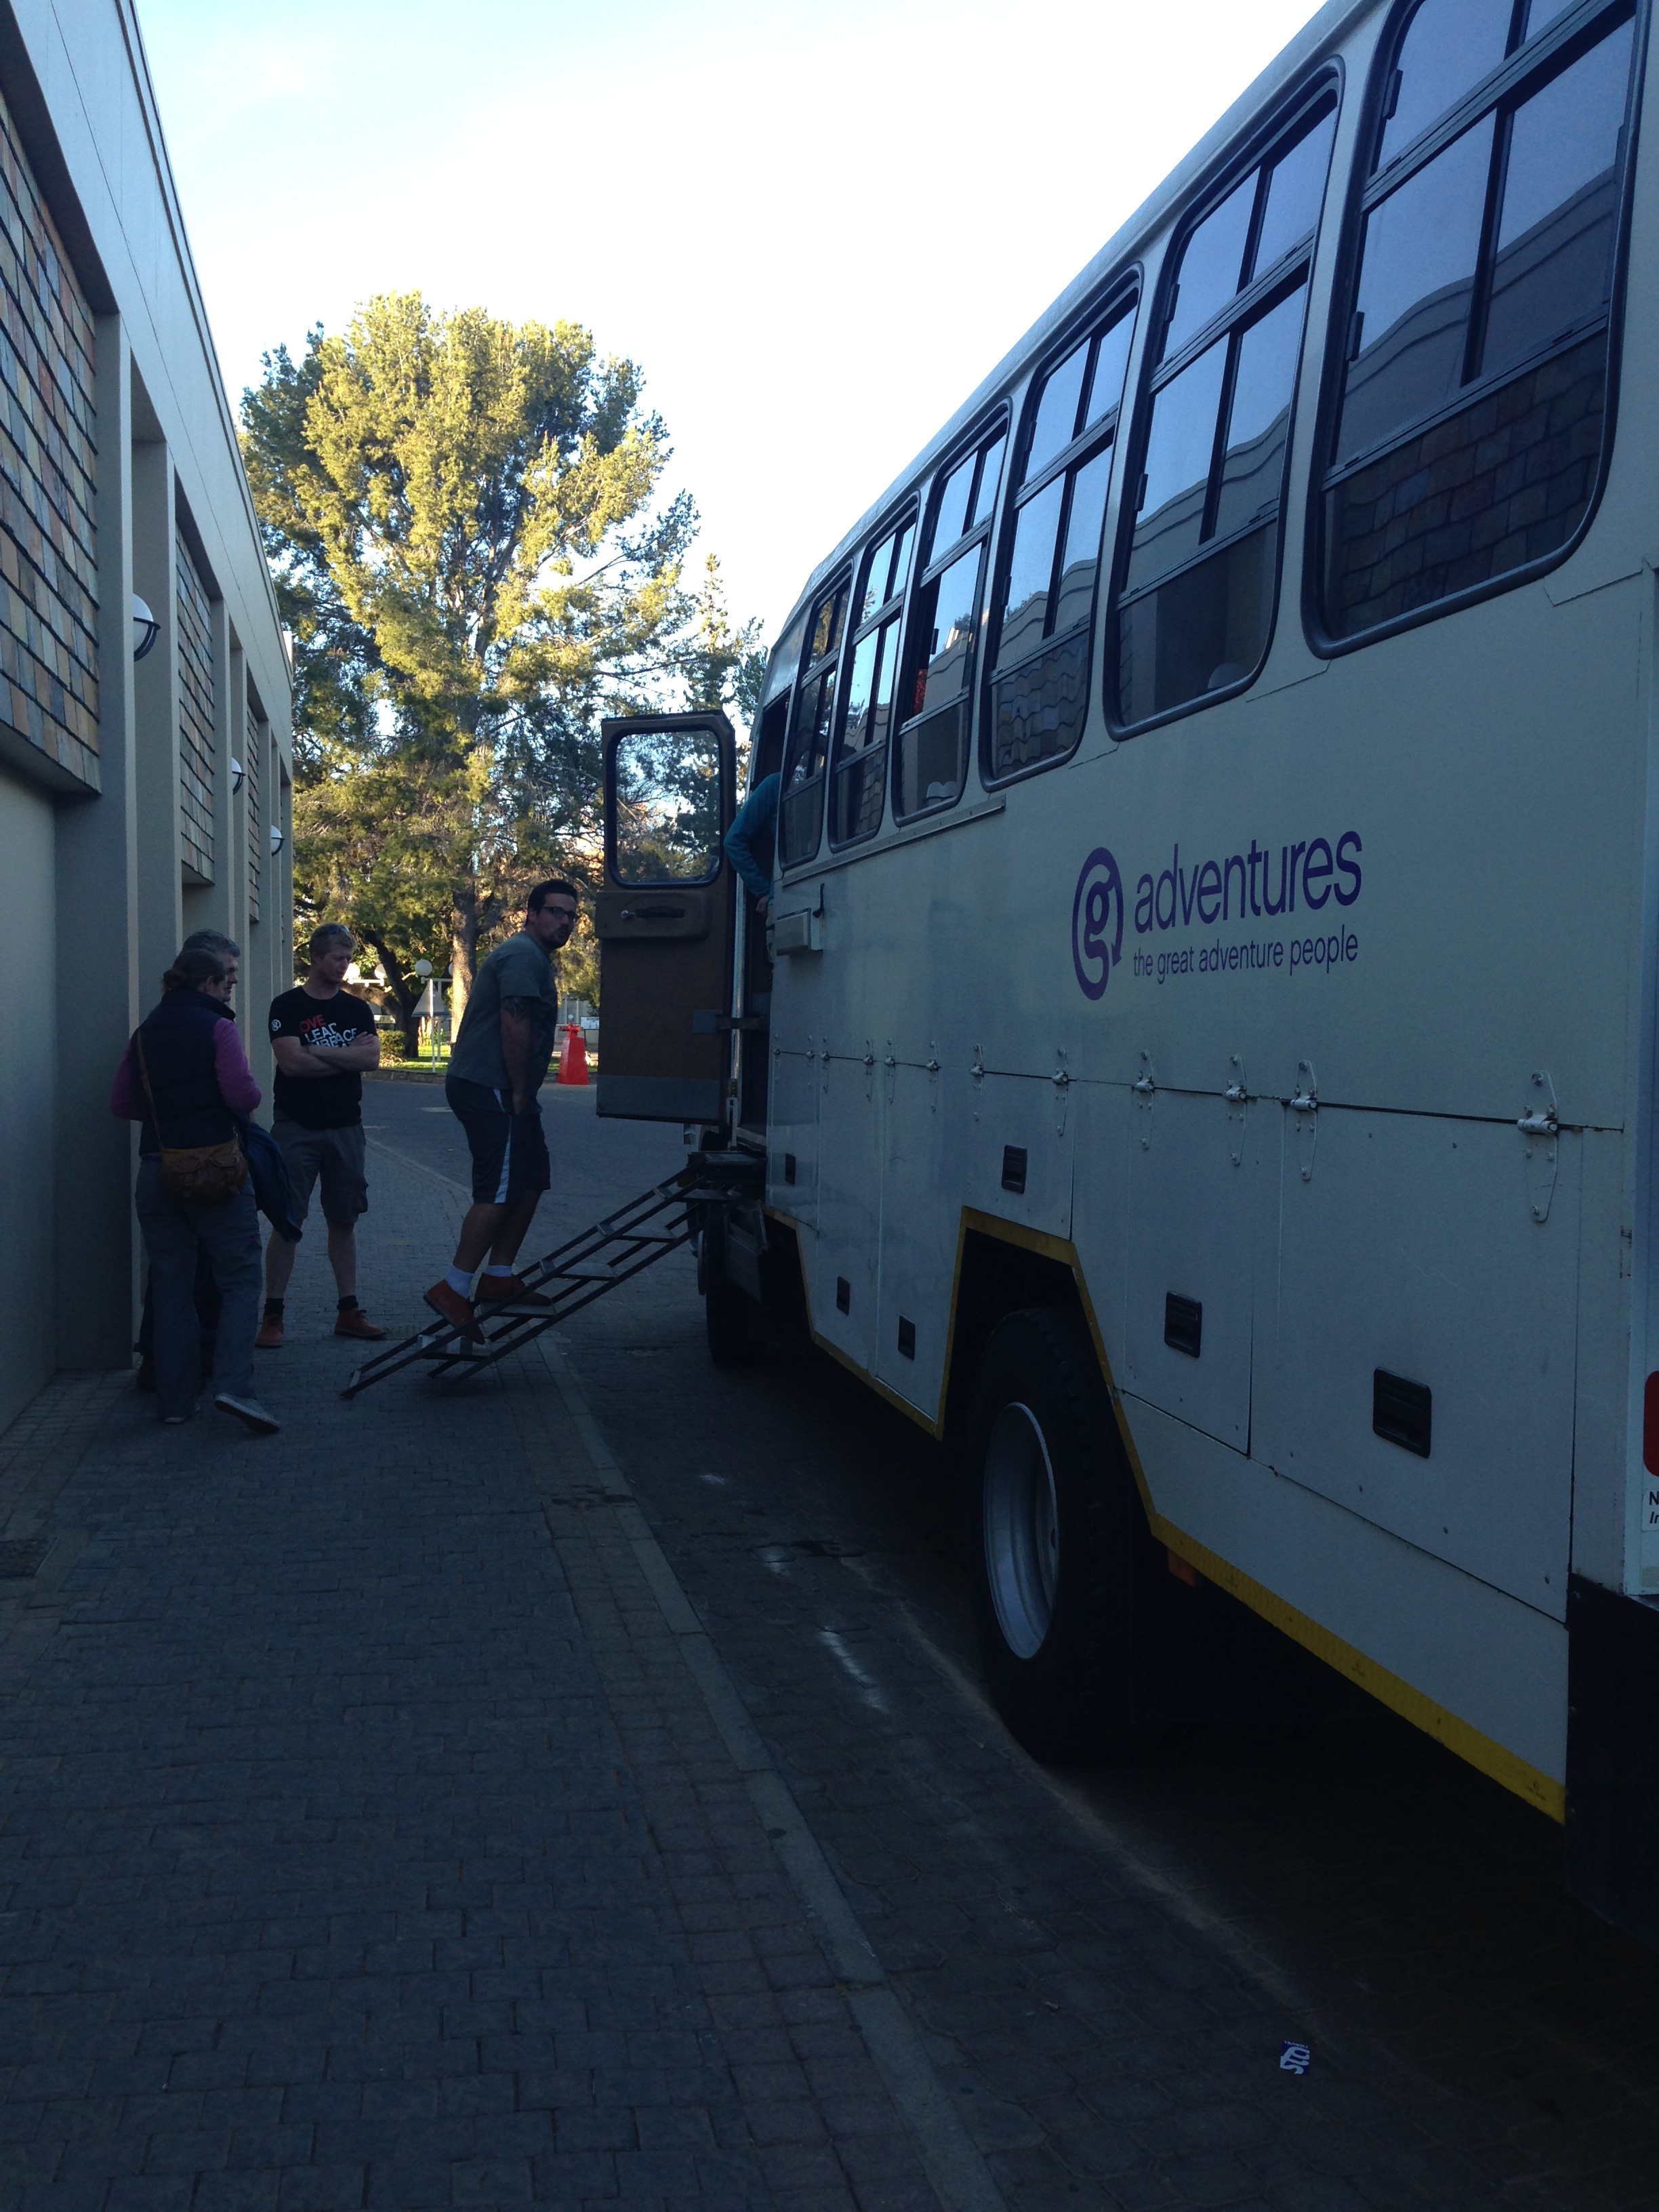 Abschied Truck G-Adventures Windhoek Namibia